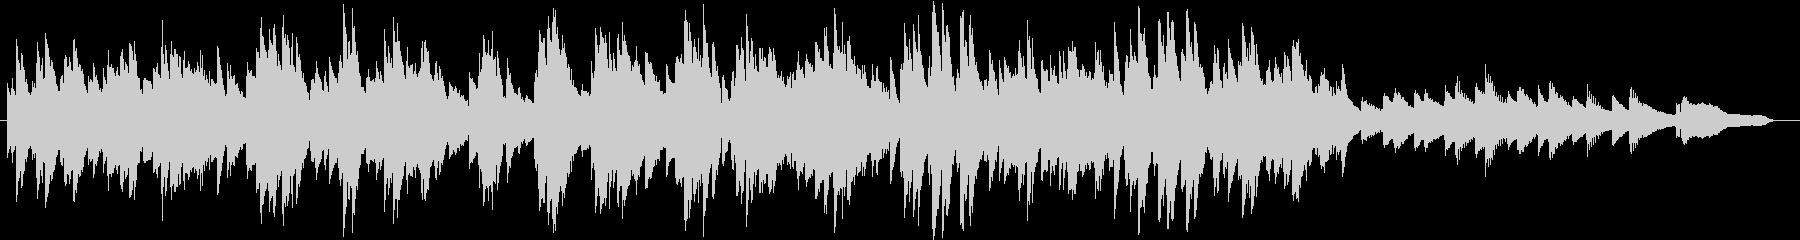 シャンソンのような雰囲気のピアノソロの未再生の波形